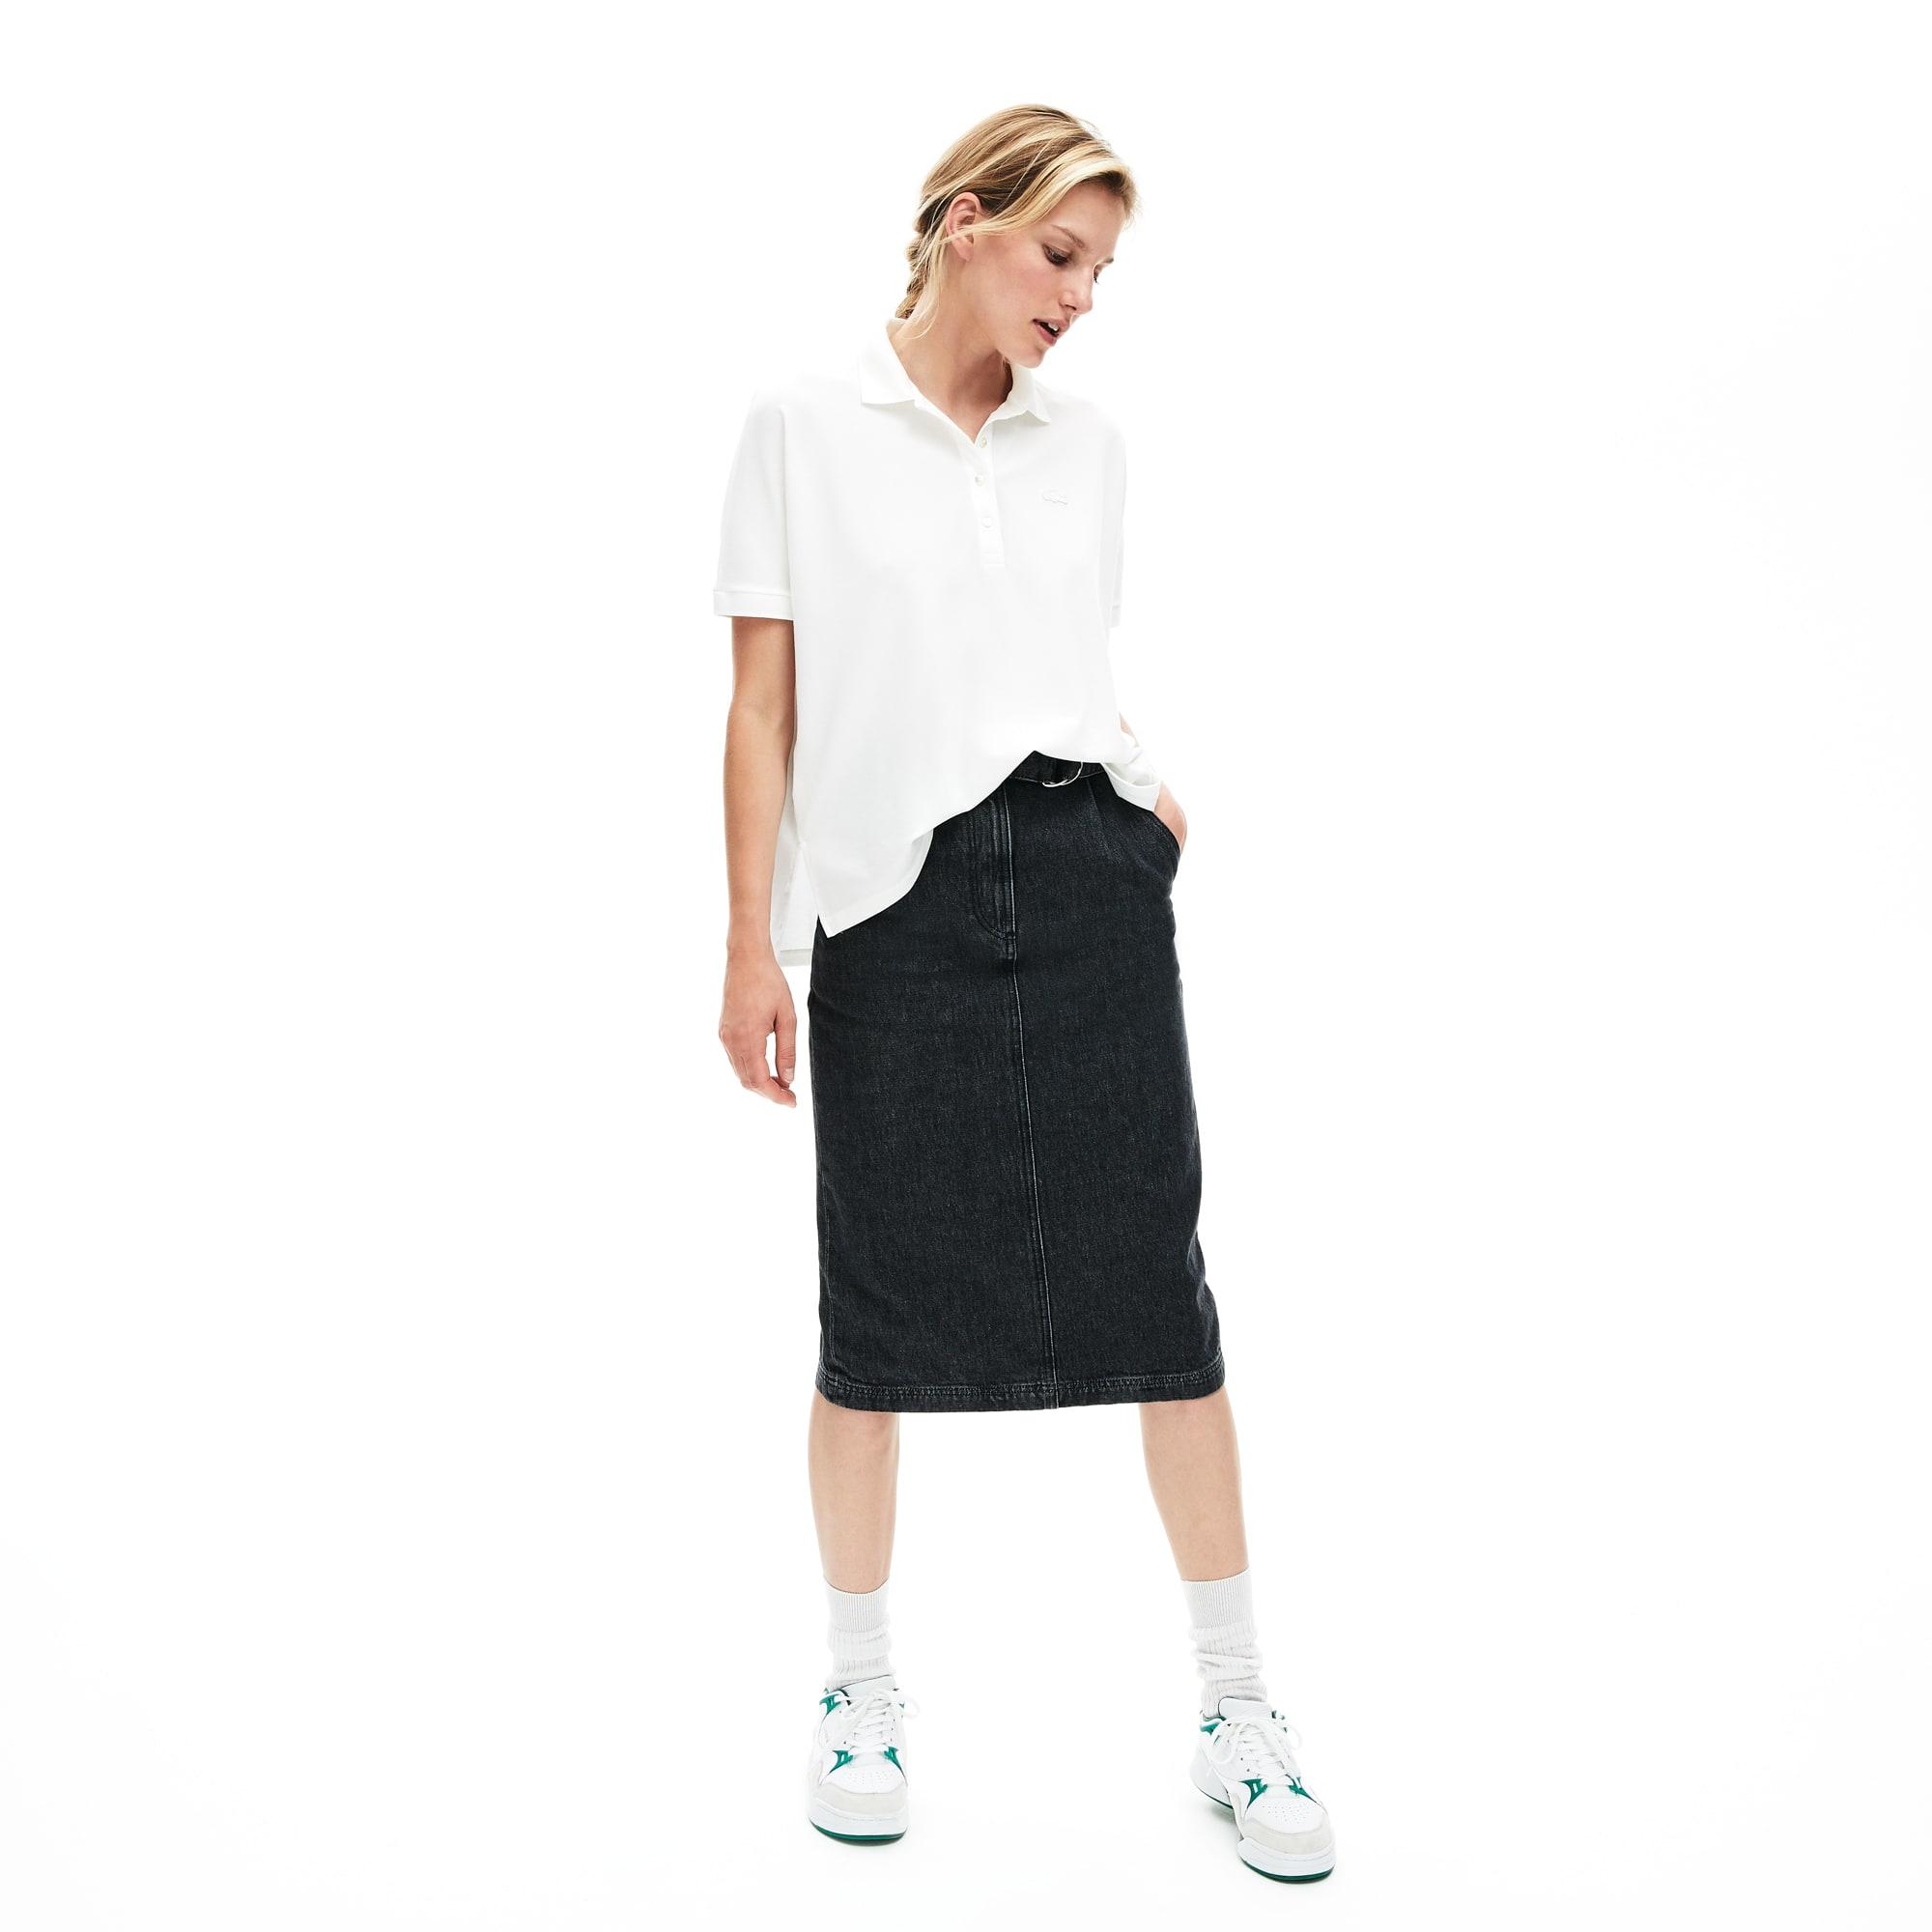 Damen LACOSTE Relax Fit Soft Poloshirt aus Baumwoll-Piqué mit Stretch